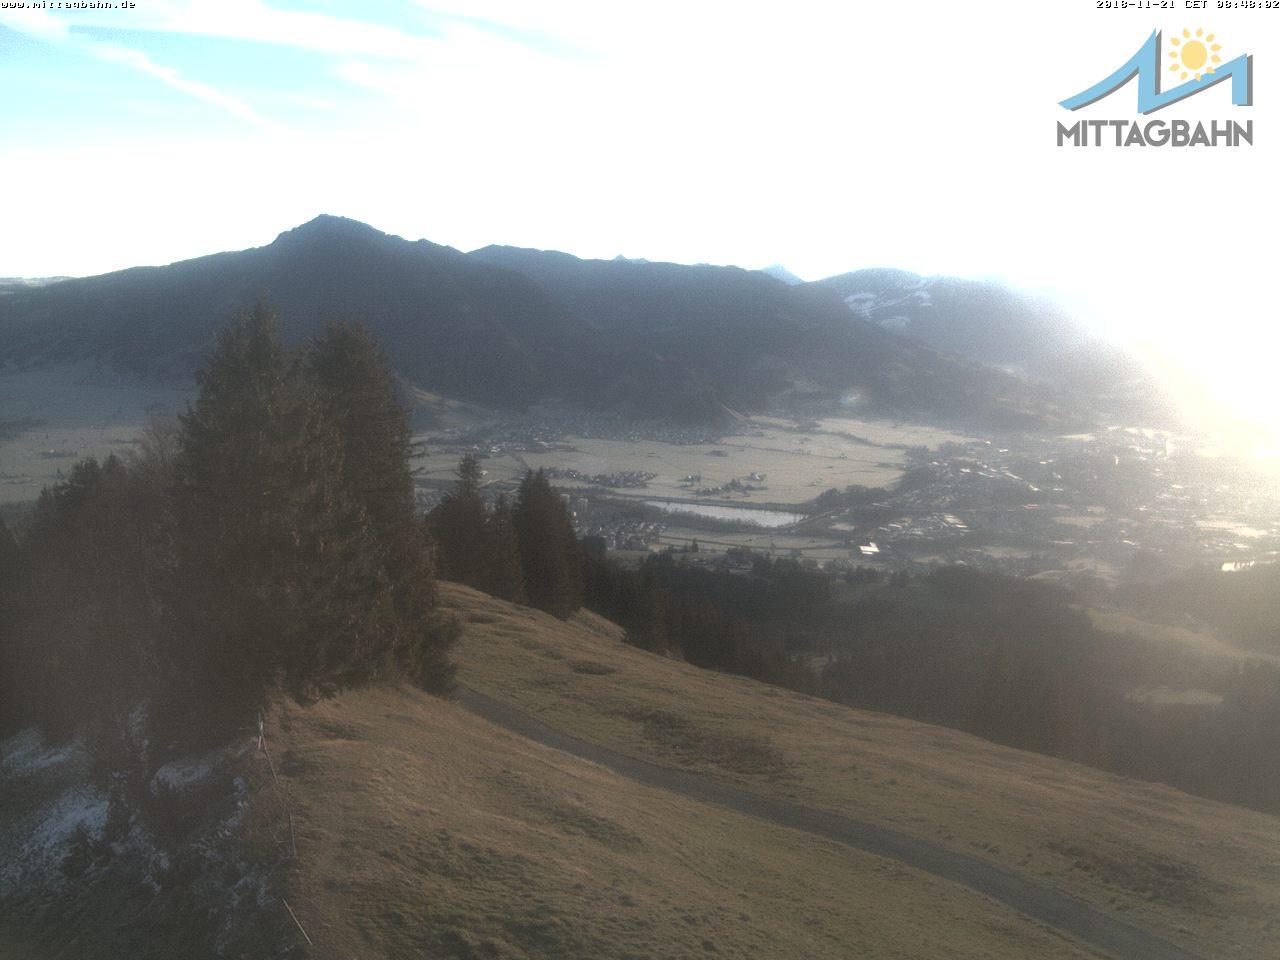 Webcam Skigebied Immenstadt - Mittag cam 7 - Allg�uer Alpen